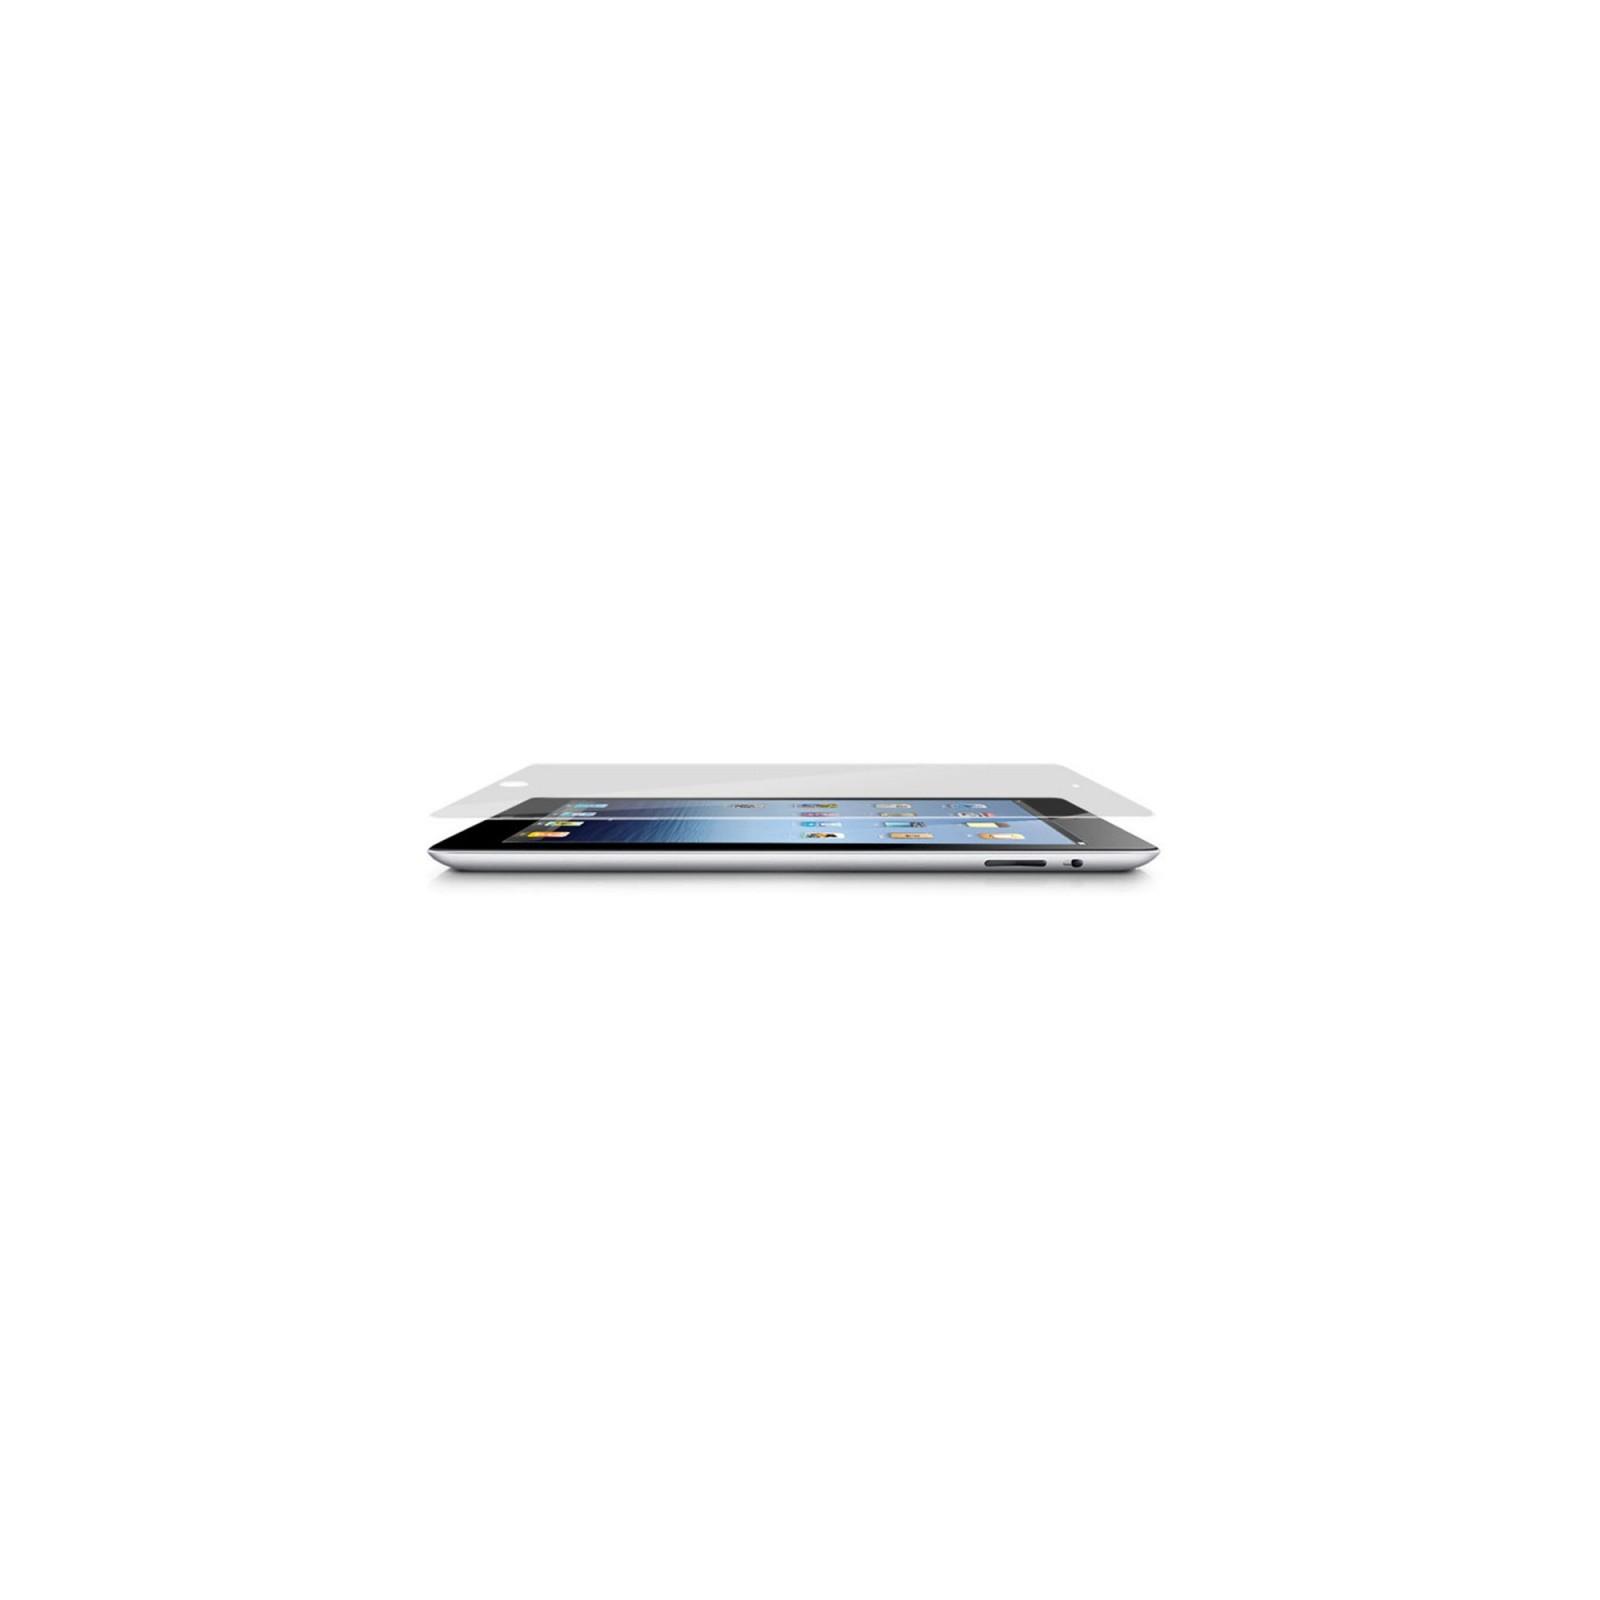 Пленка защитная JCPAL iWoda Premium для iPad 4 (Anti-Glare) (JCP1034) изображение 4